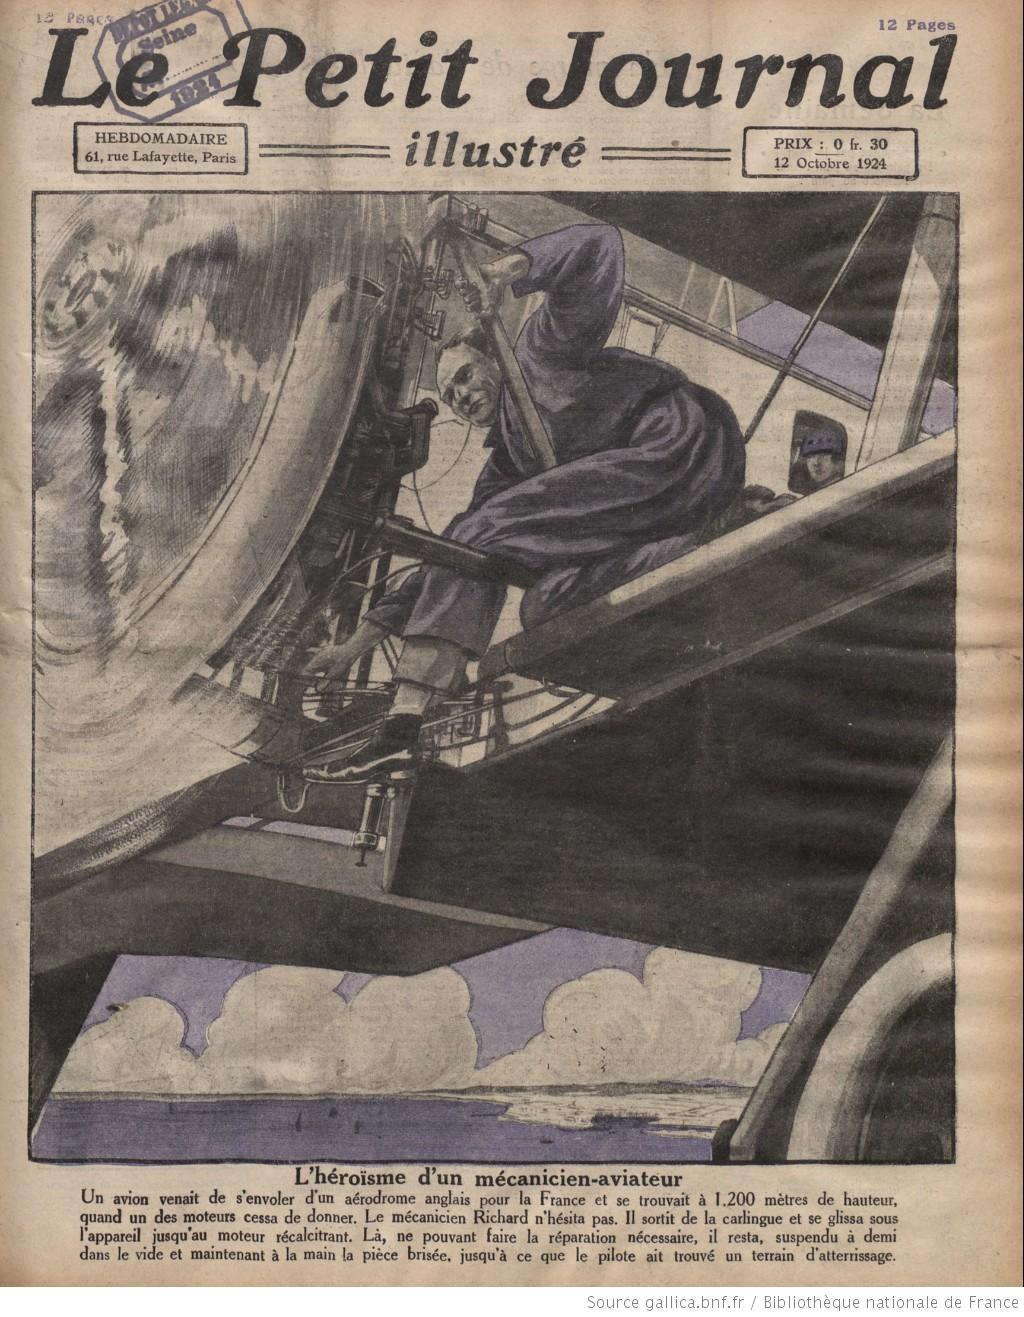 """Người xưa có vẻ hơi """"ảo tưởng"""" khi cho rằng, trong tương lai nếu máy bay gặp sự cố và một phi công - kiêm kỹ sư có thể dùng tay không giúp máy bay hạ cánh an toàn."""